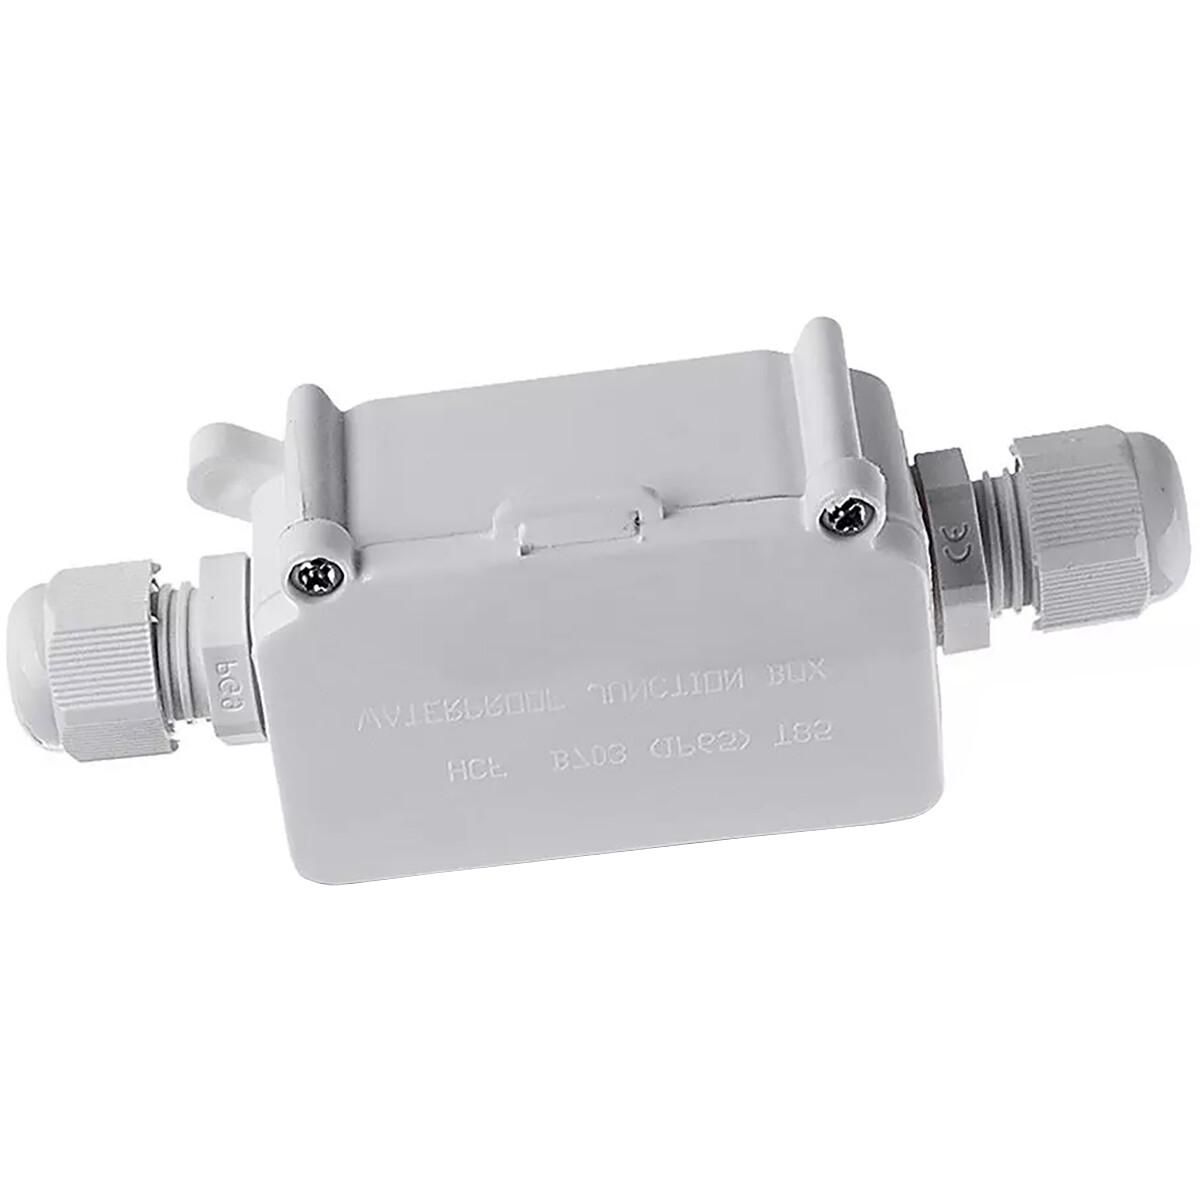 Kabelverbinder - Viron Thermin - Rechte Connector - Waterdicht IP65 - 3 Aderig - Mat Wit